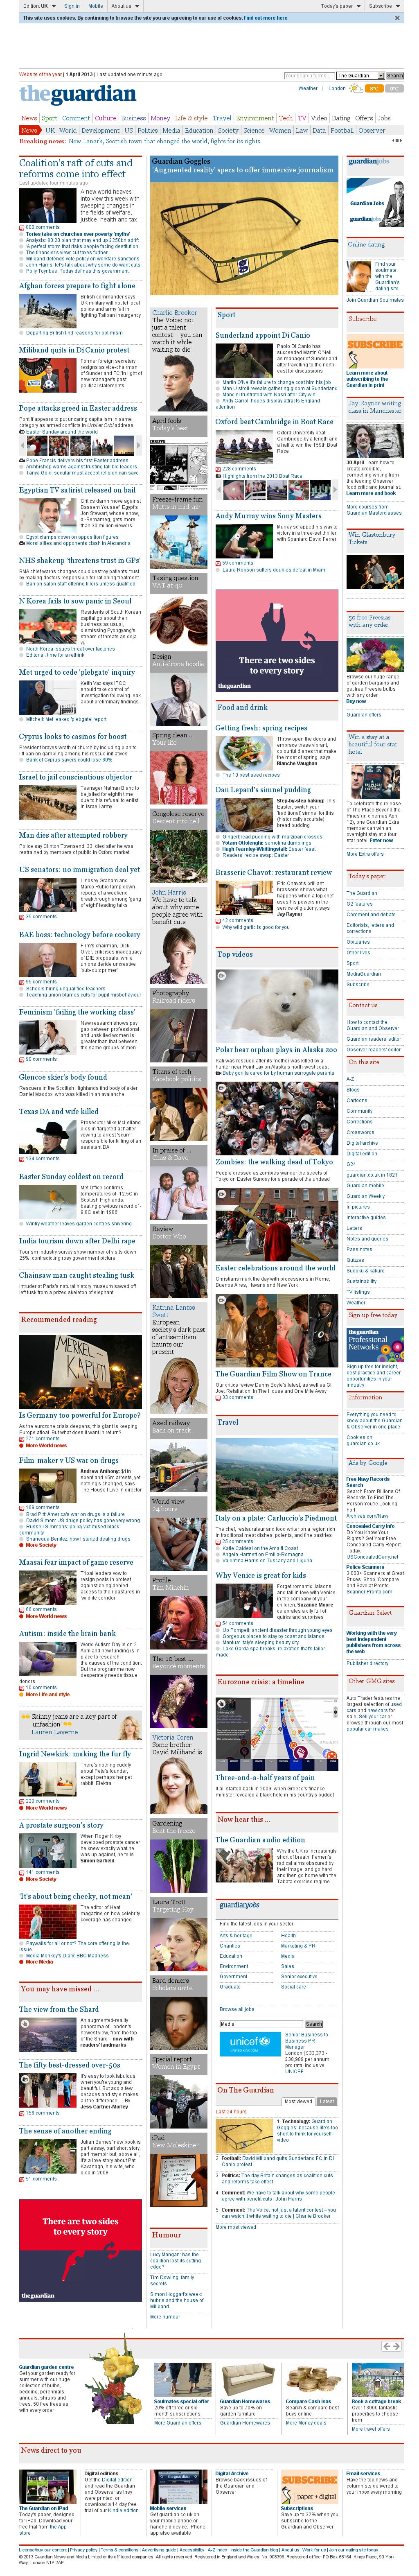 The Guardian at Monday April 1, 2013, 8:09 a.m. UTC